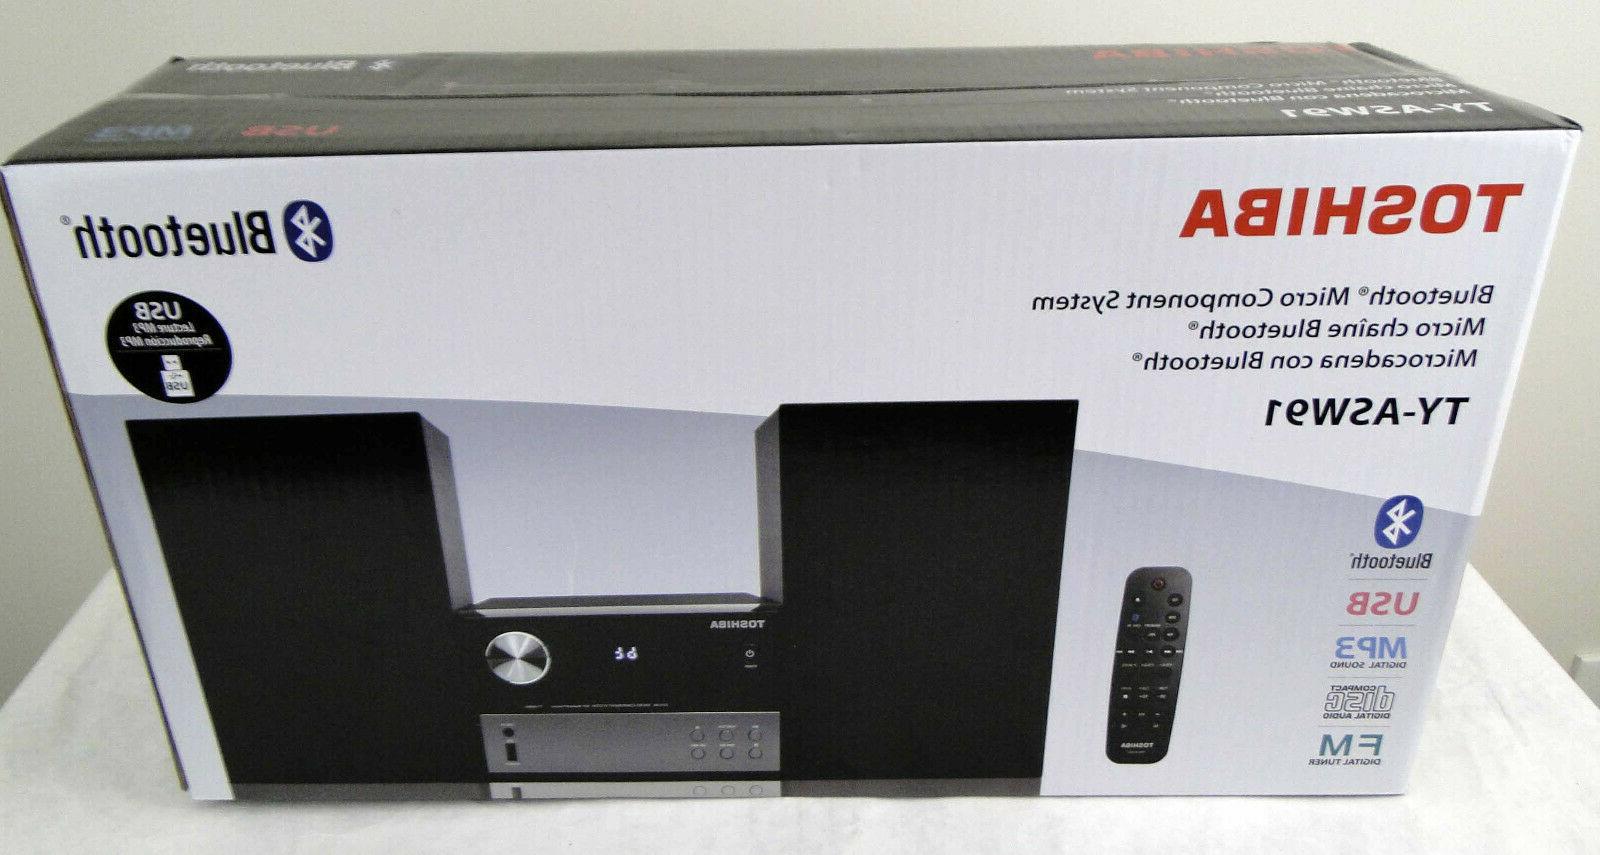 Toshiba TY-ASW91 Speaker System: Wireless Speaker System FM, AUX and